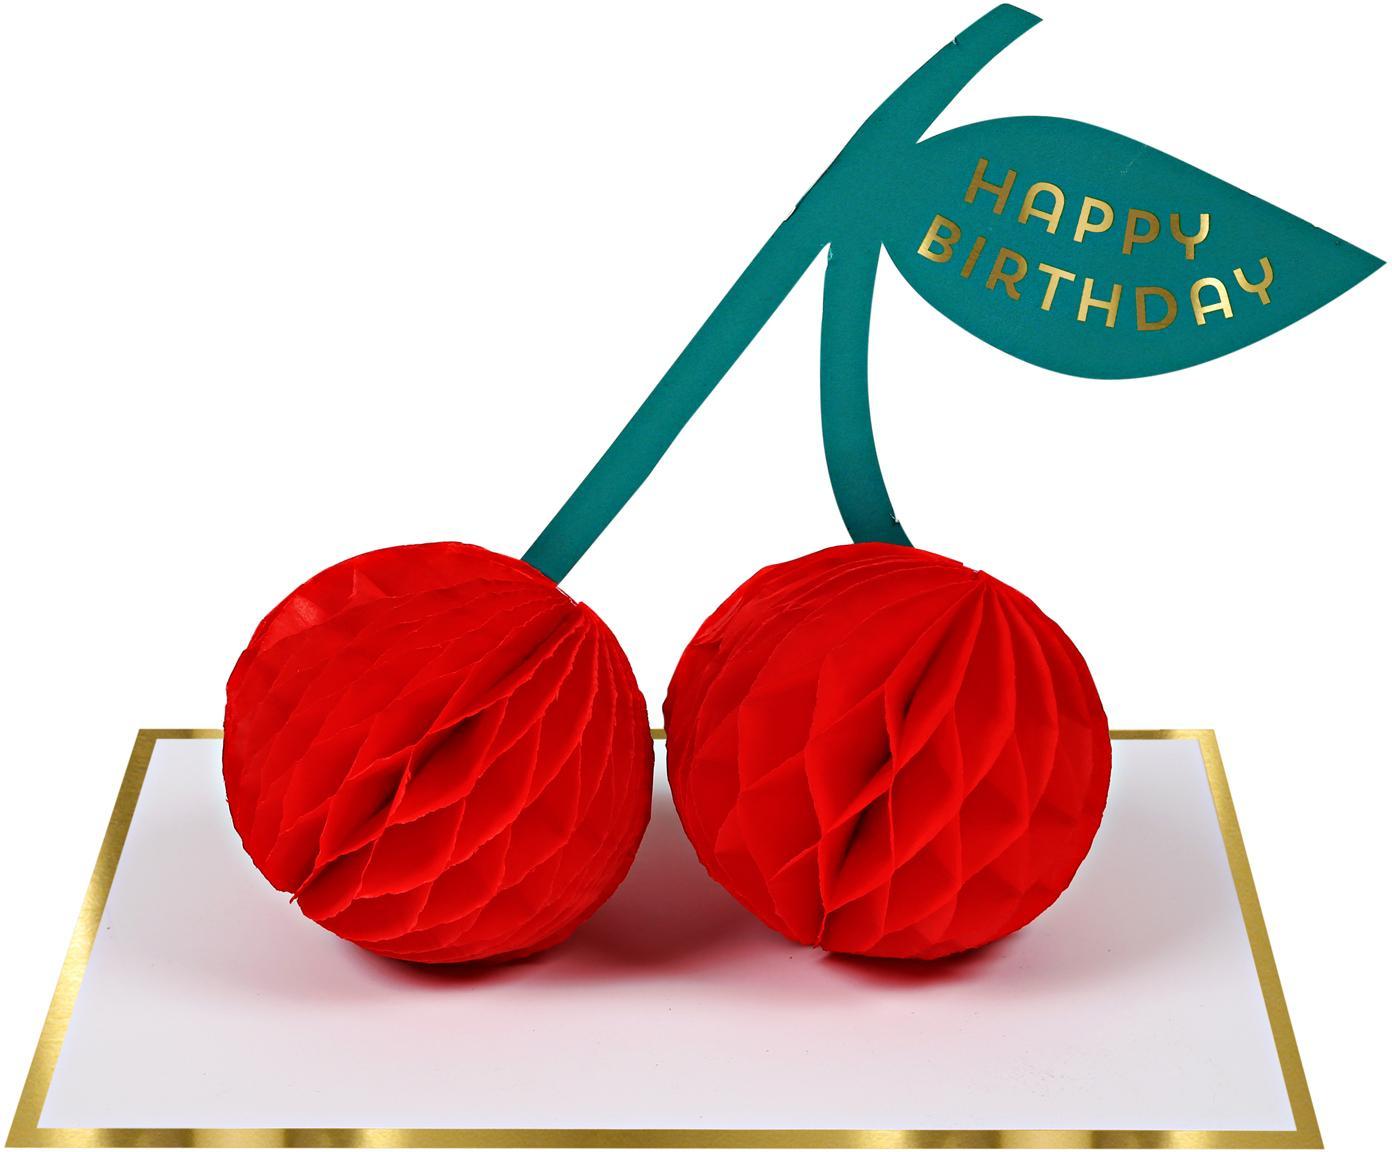 Kartka urodzinowa Cherries, Papier, Biały, odcienie złotego, czerwony, zielony, D 13 x S 19 cm